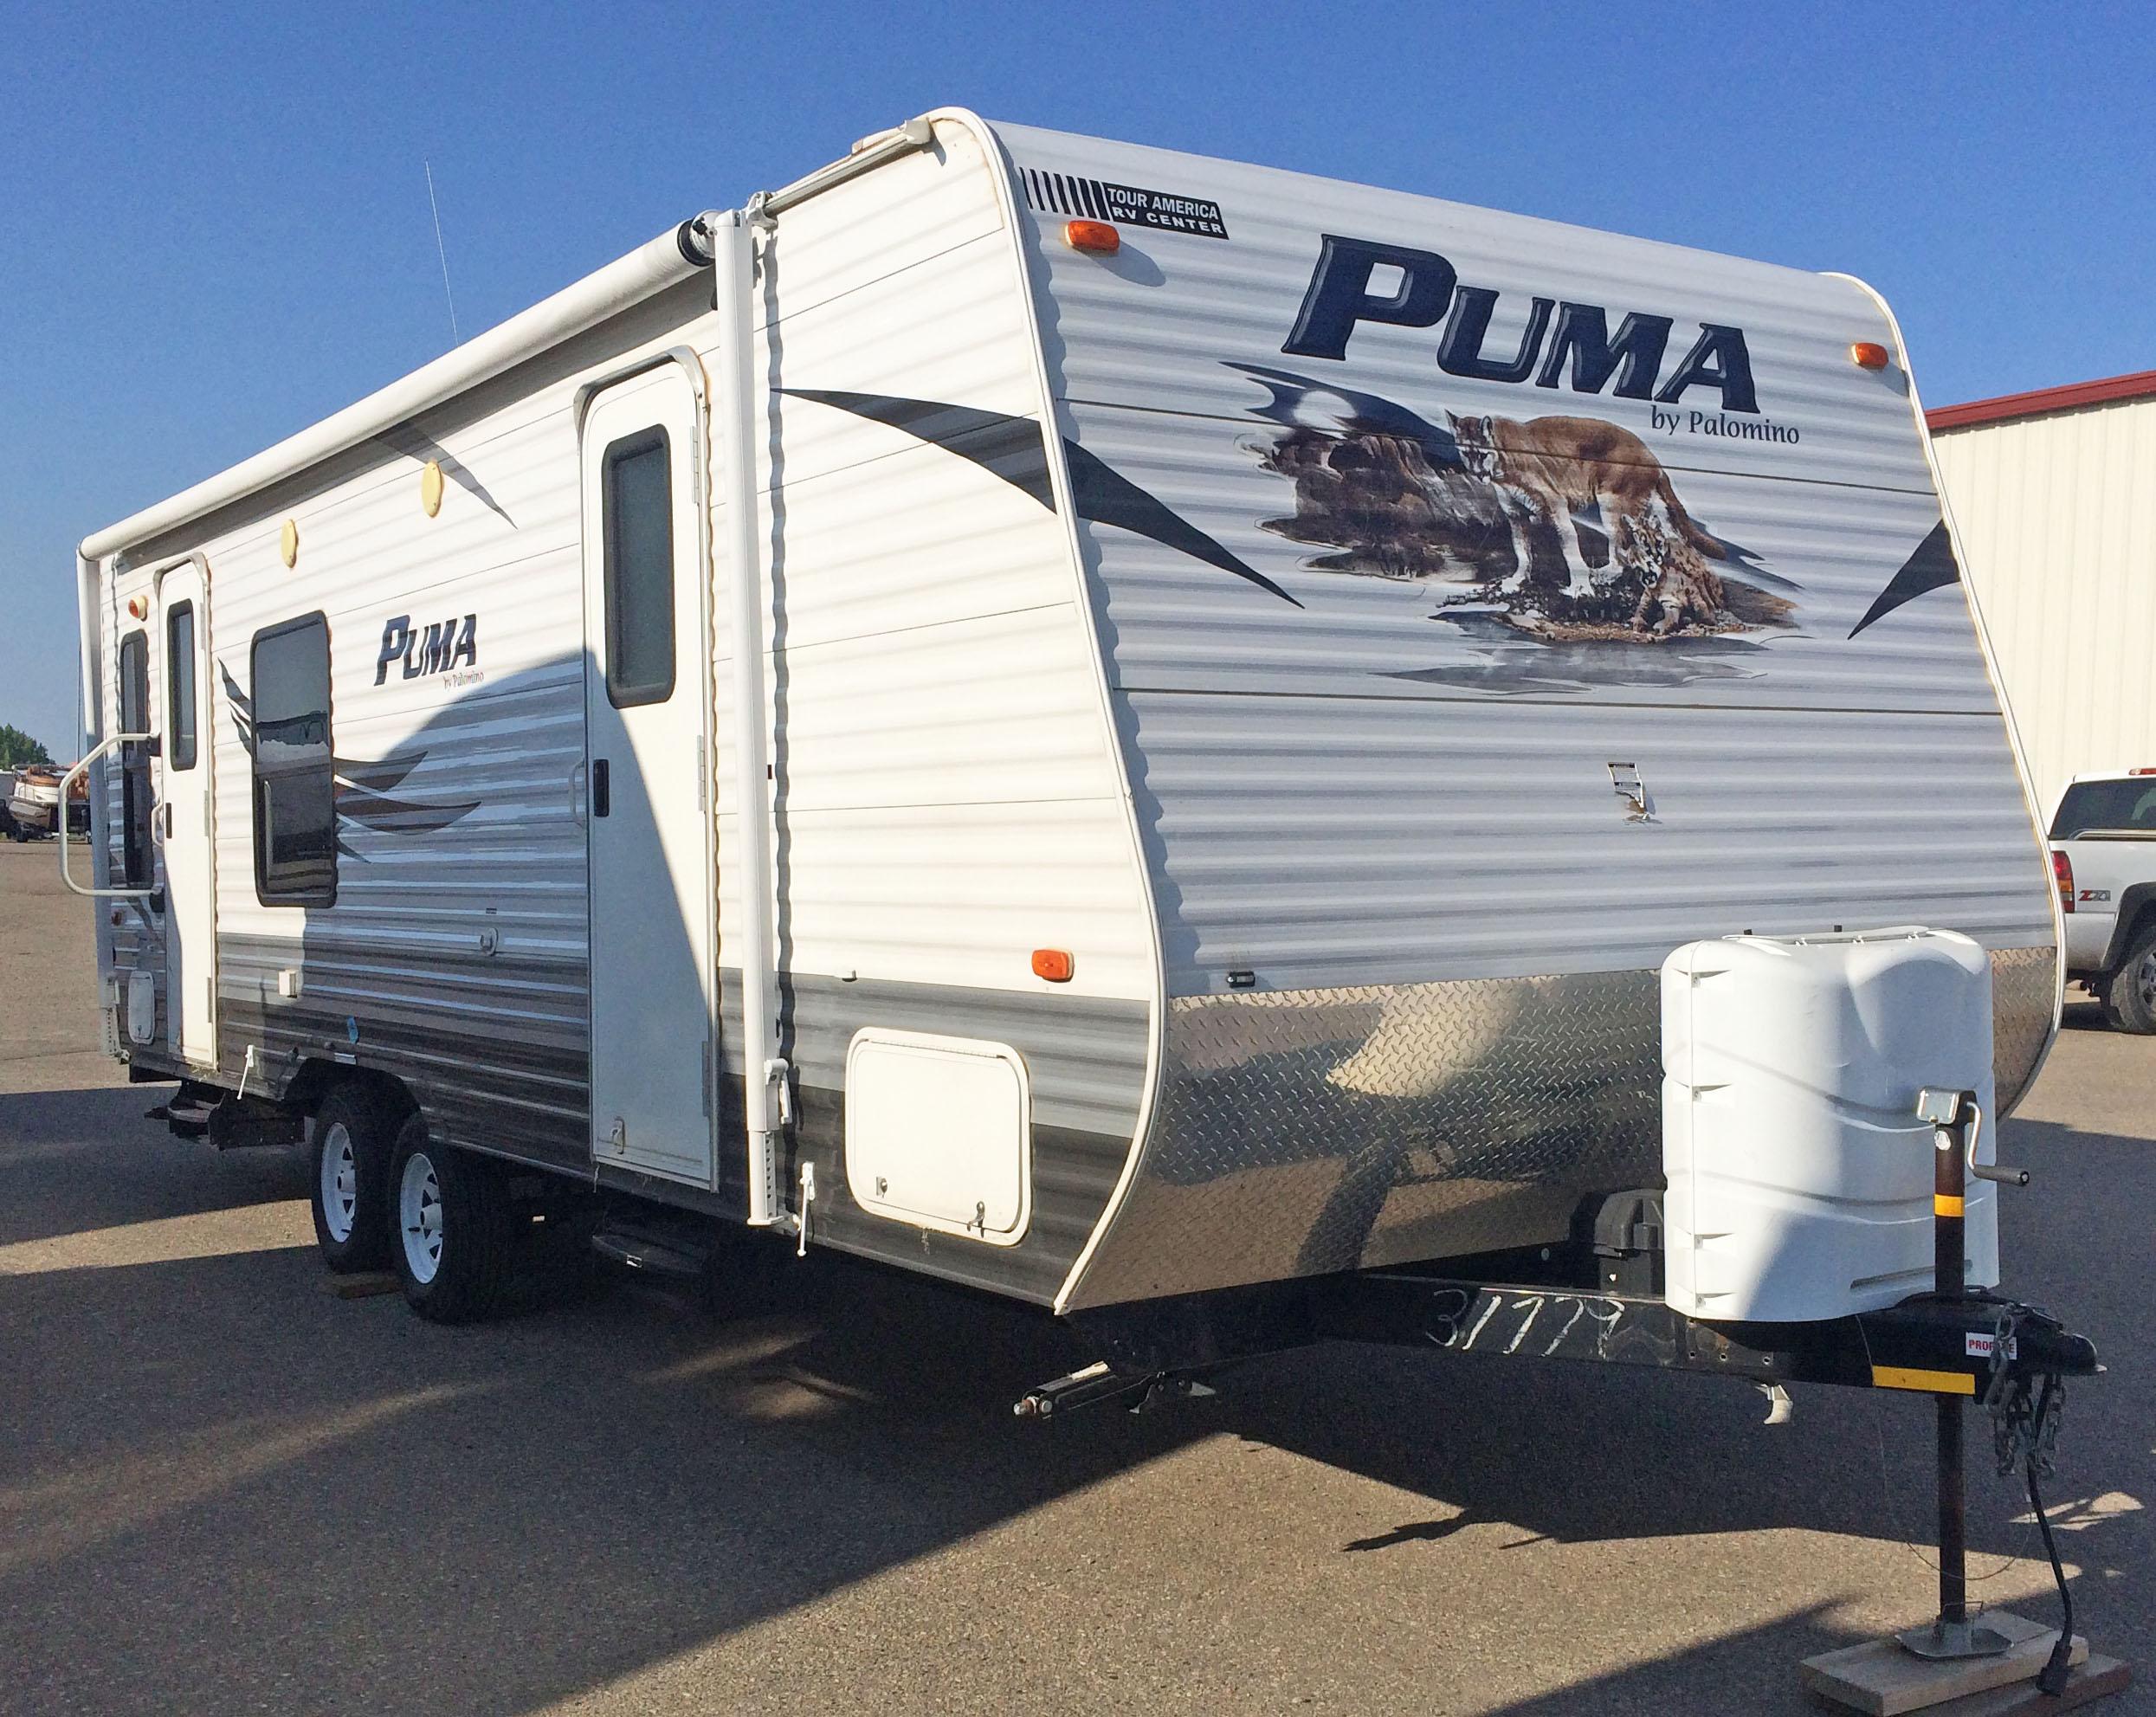 11tt3333 2011 Palomino Puma 25rs Price 10 900 Minot Nd